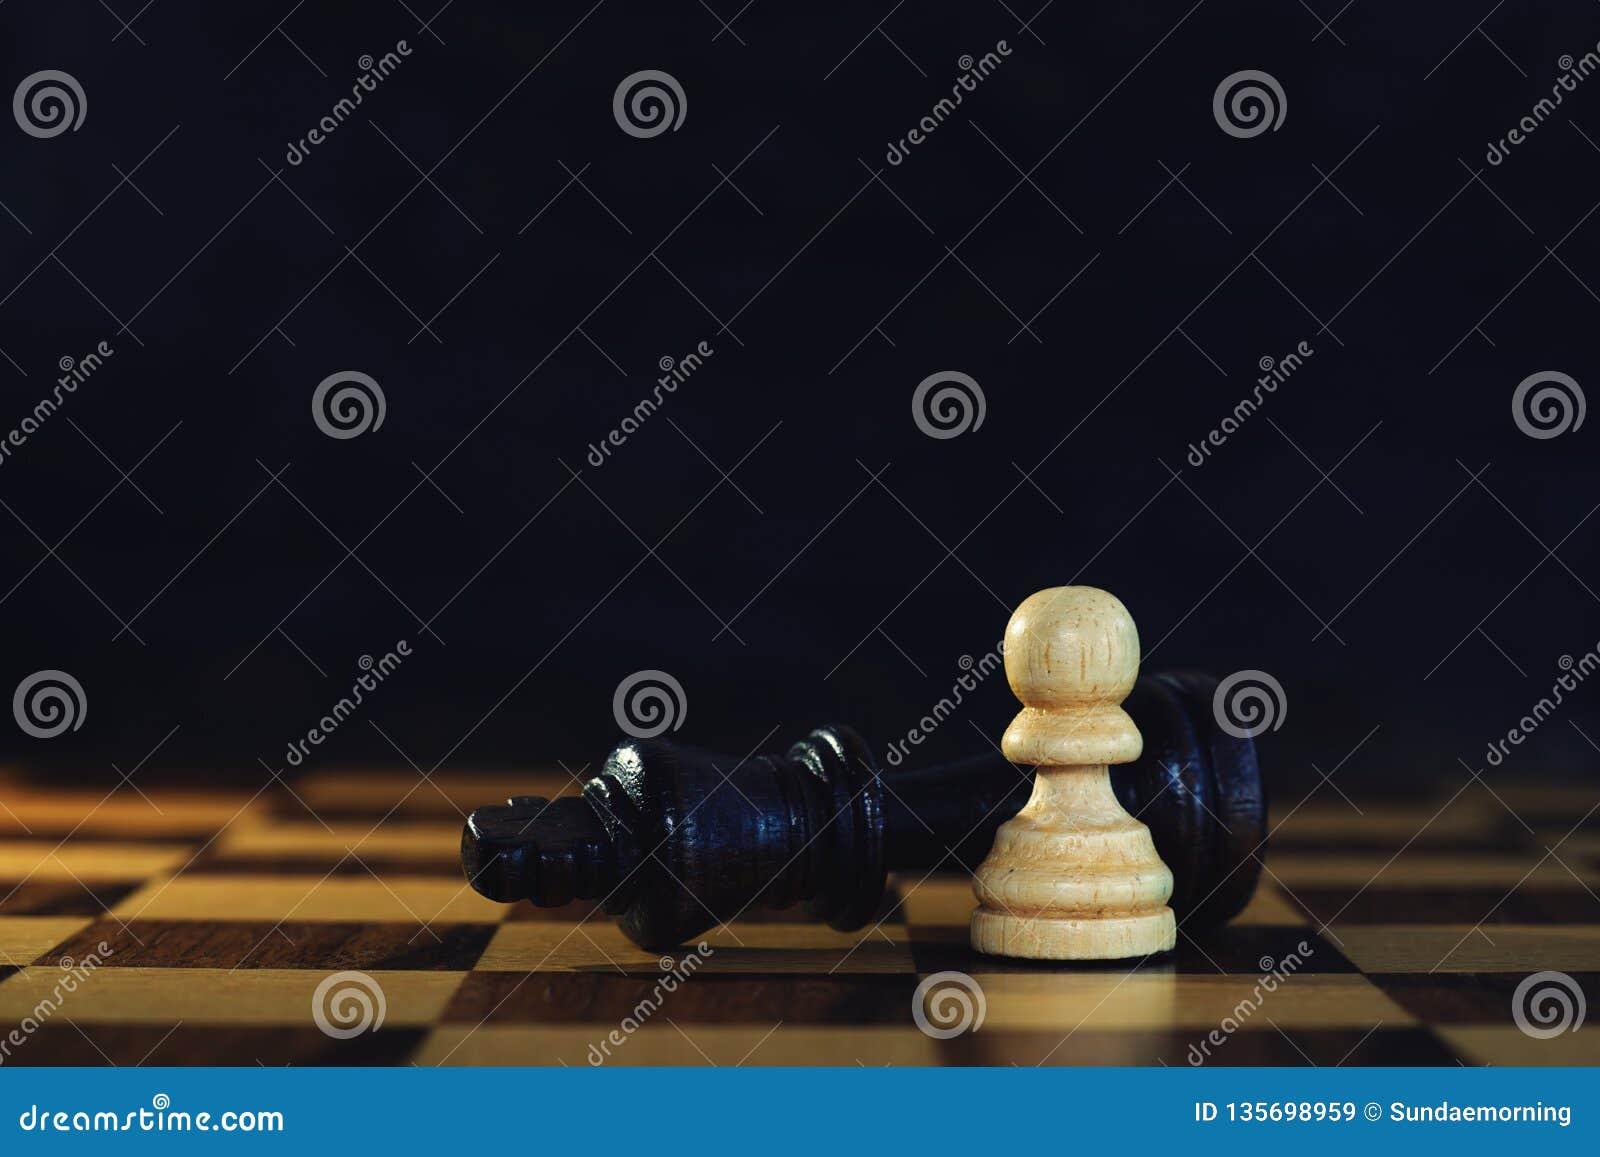 Królewiątek spotkania przeciw potężnemu pionkowi w szachowej grą, biznesowy konkurencyjny pojęcie